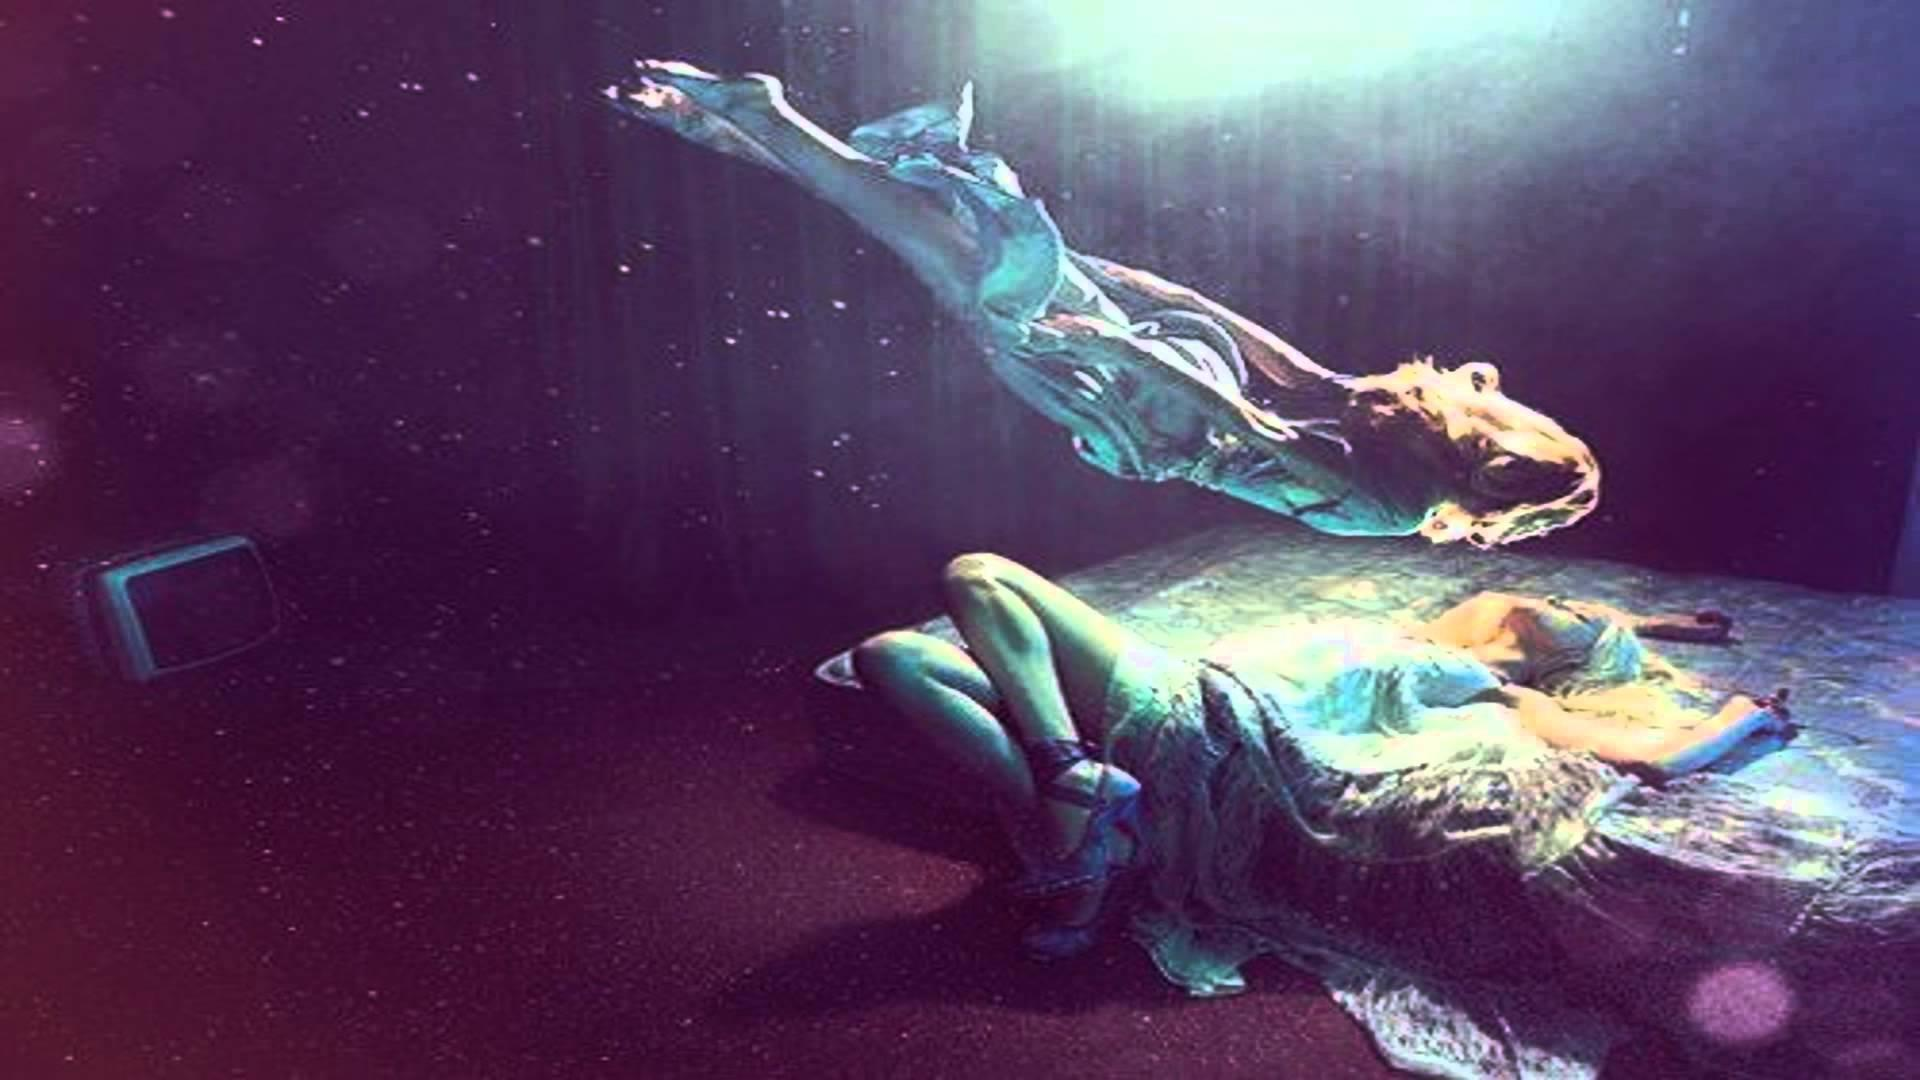 Выход в астрал во сне ощущения